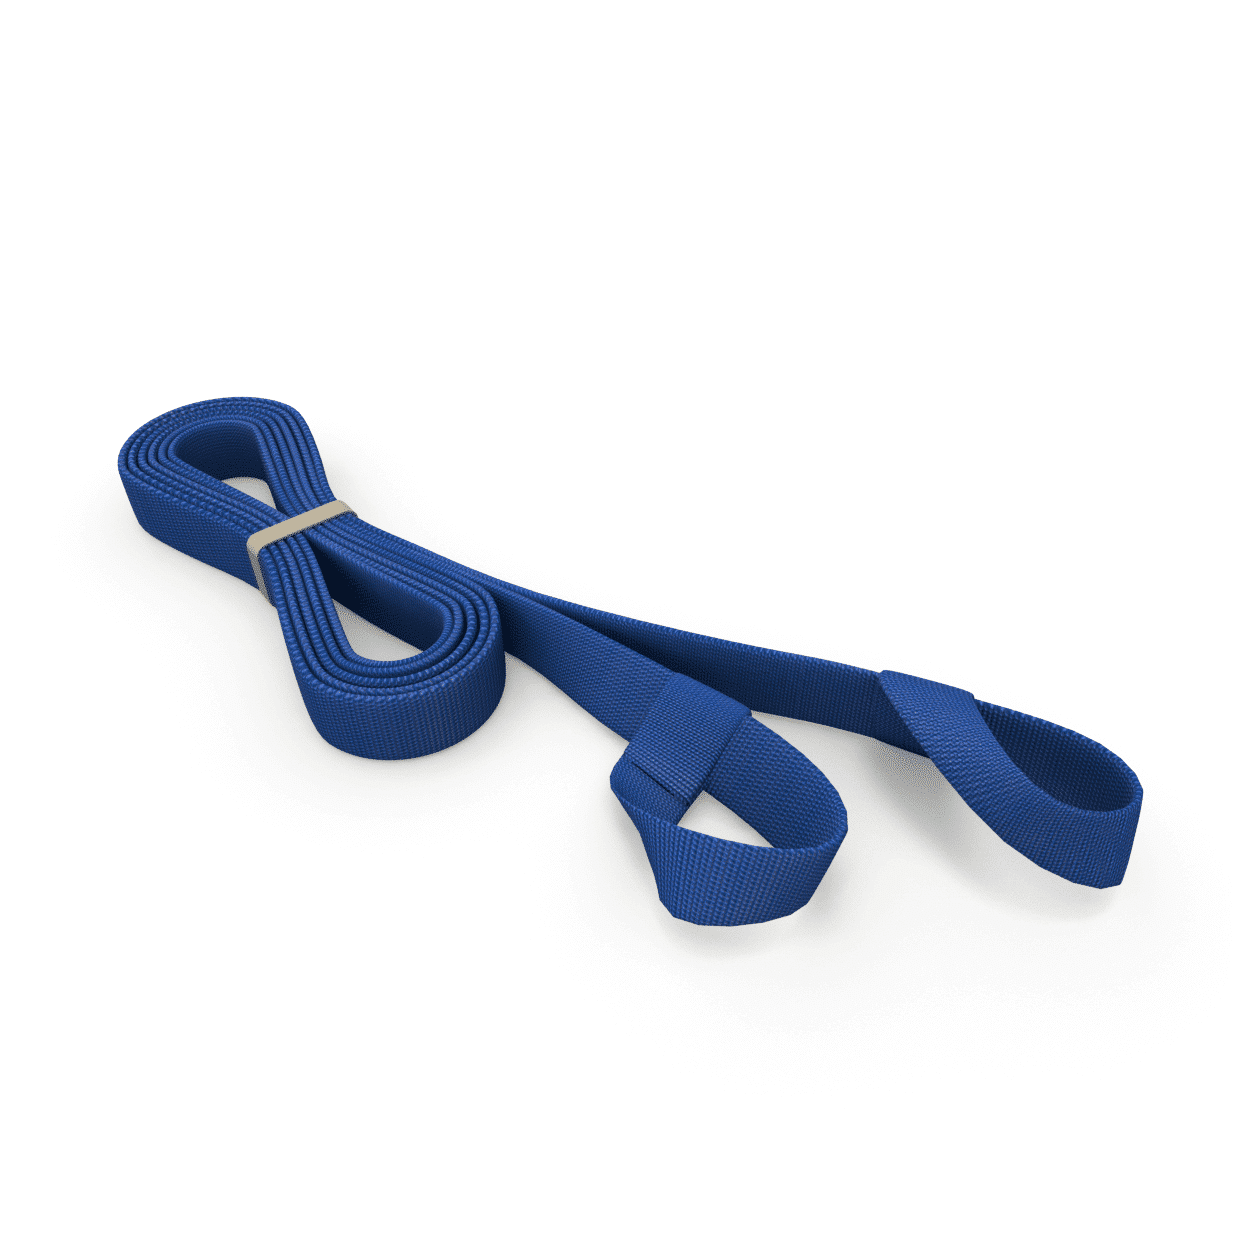 Zugleine mit Schlaufen blau